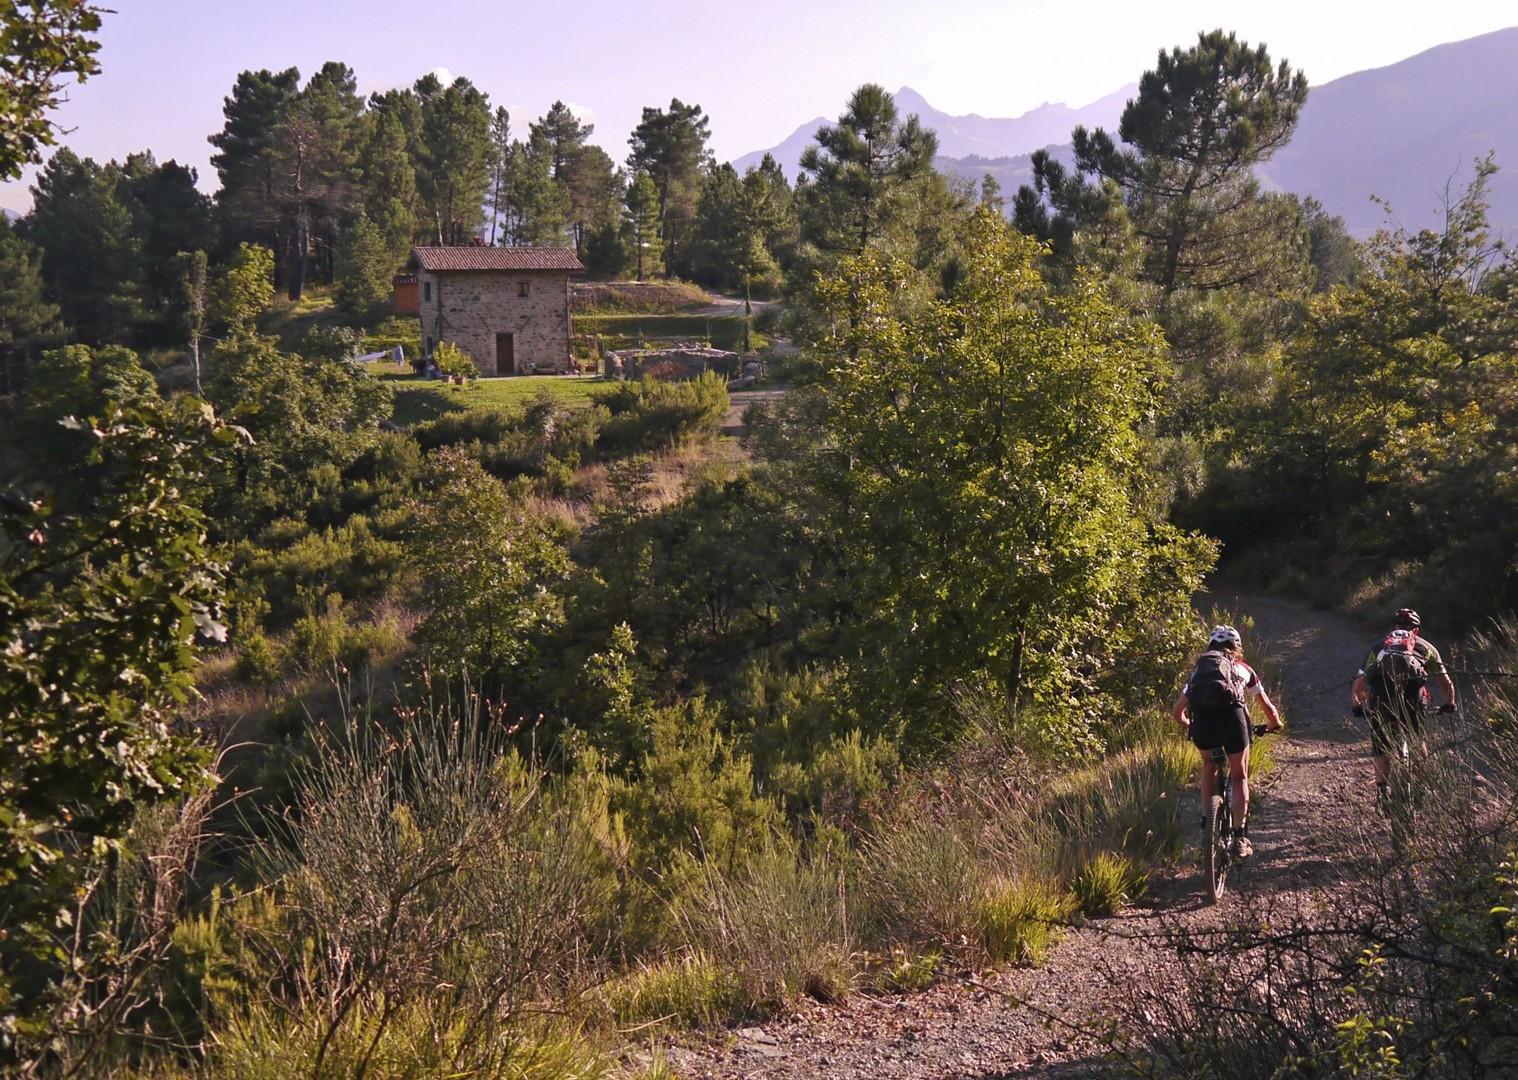 mountain-biking-holiday-italy-tuscany-francegina-landscape-nature.jpg - Italy - Via Francigena (Tuscany to Rome) - Guided Mountain Biking Holiday - Mountain Biking